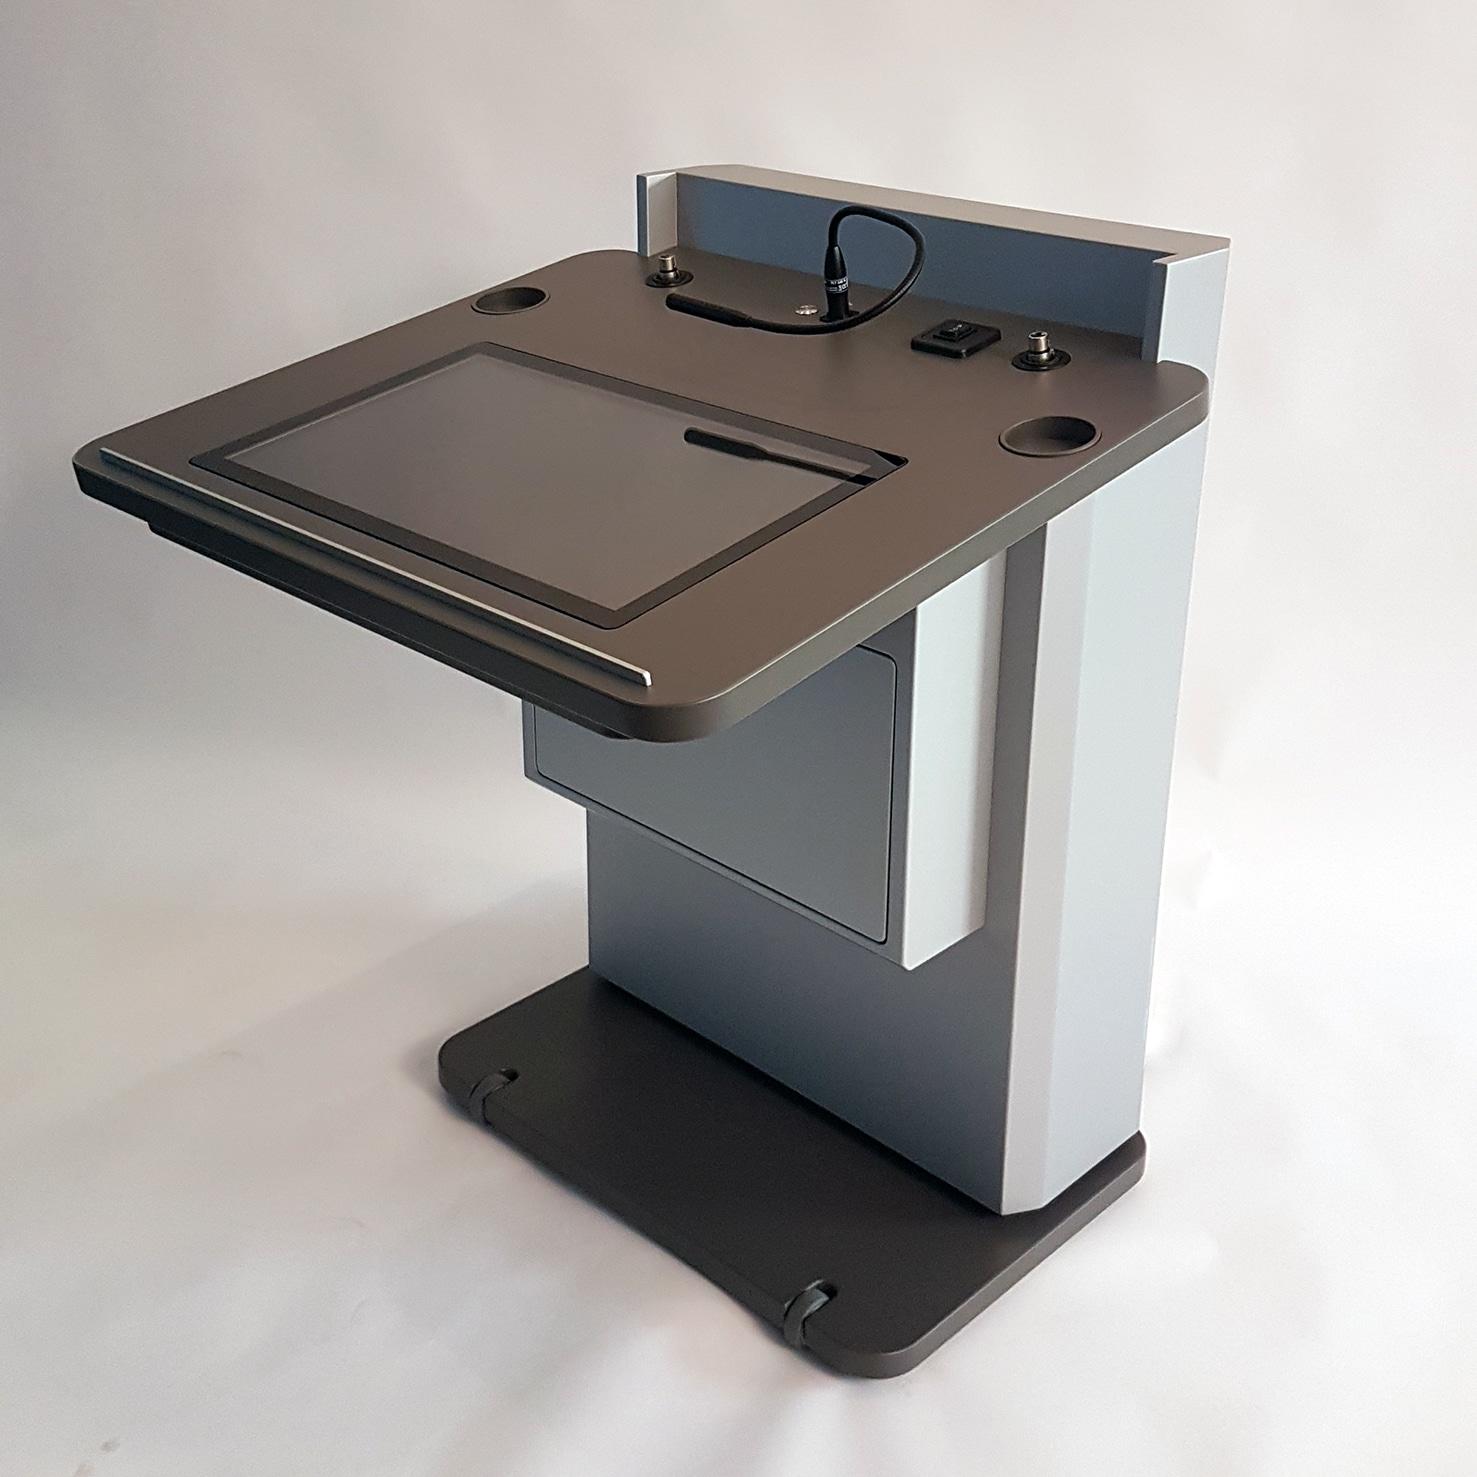 """faircom media lieferte ein behindertengerechtes Rednerpult faircom """"barrierefrei"""" an das Museum für Naturheilkunde in Berlin. Das Pult ist motorisch um 40 cm höhenverstellbar und im Rollstuhl sitzend bedienbar. Es verfügt über einen 32 Zoll großen Frontmonitor und einen 22 Zoll Vorschaumonitor in der Skriptablage."""